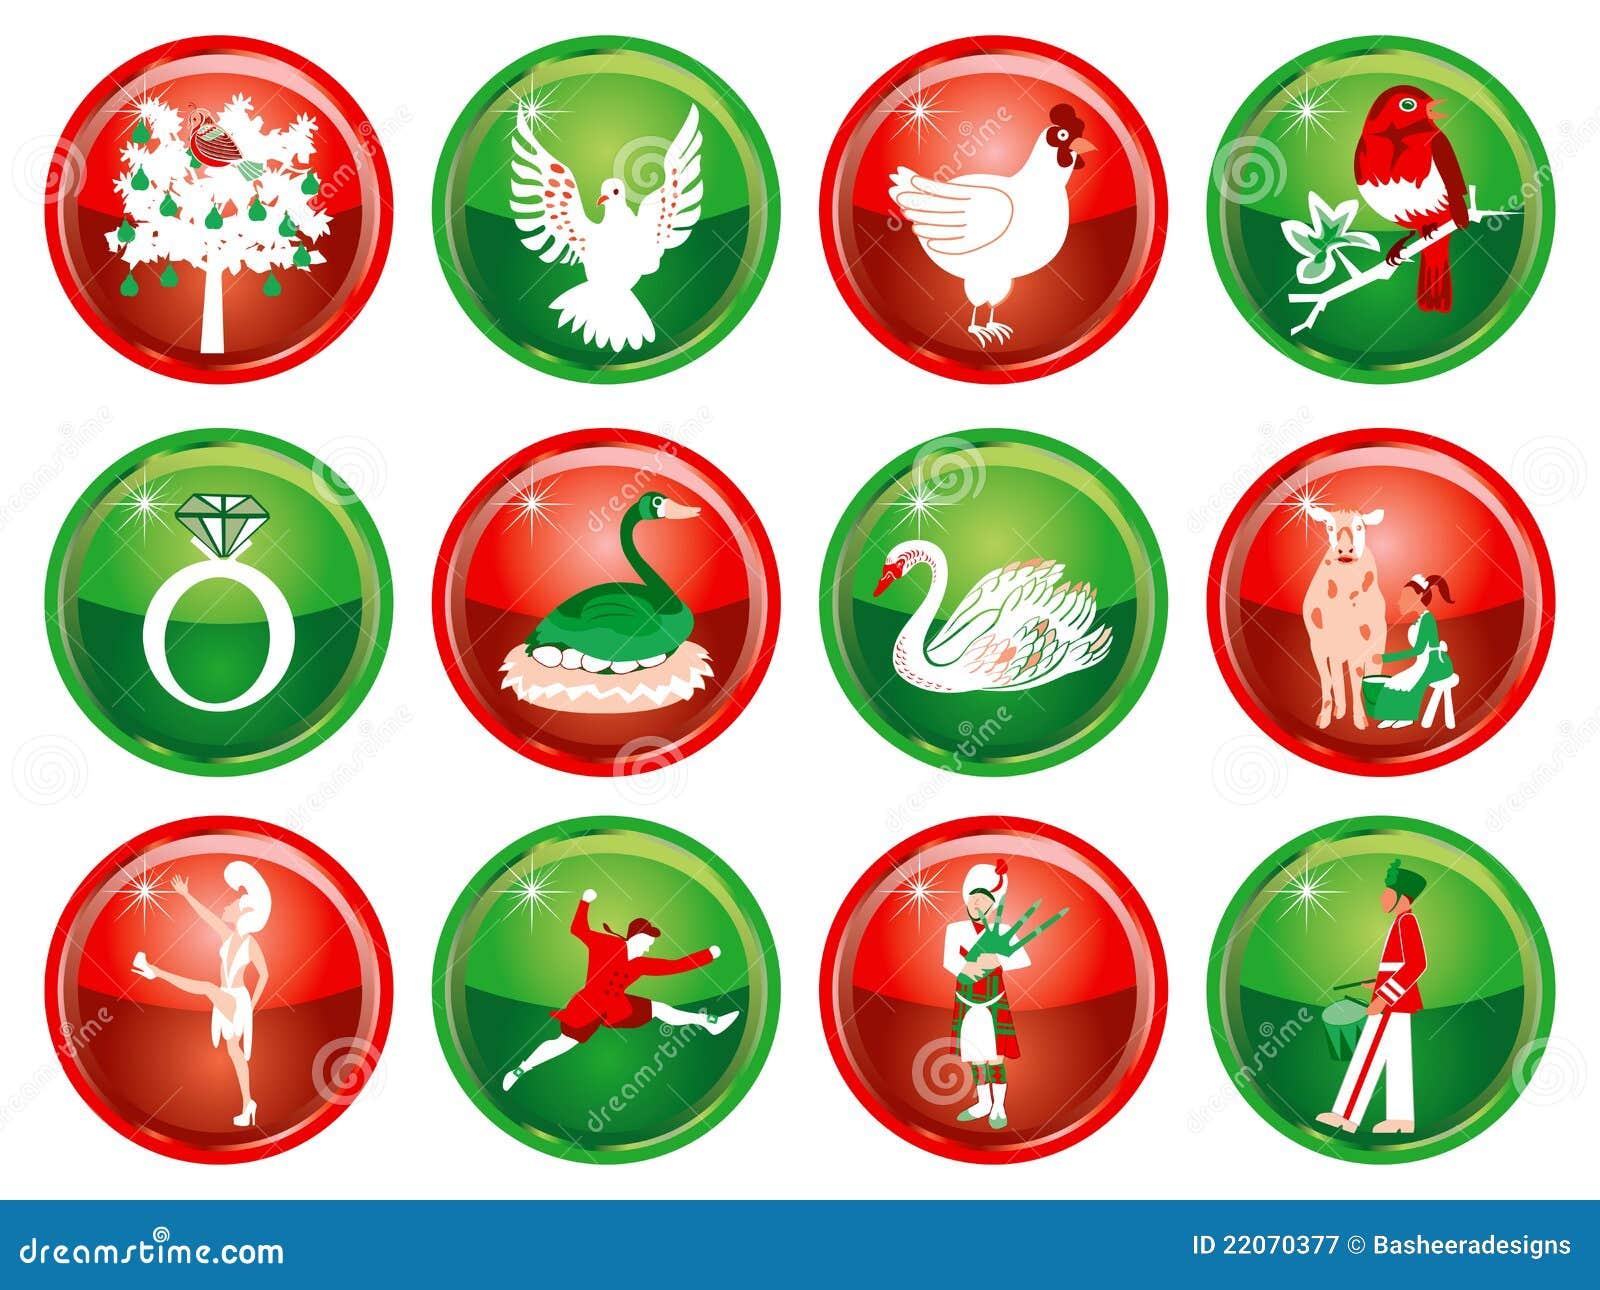 12 jours de Noël illustration de vecteur. Illustration du noël